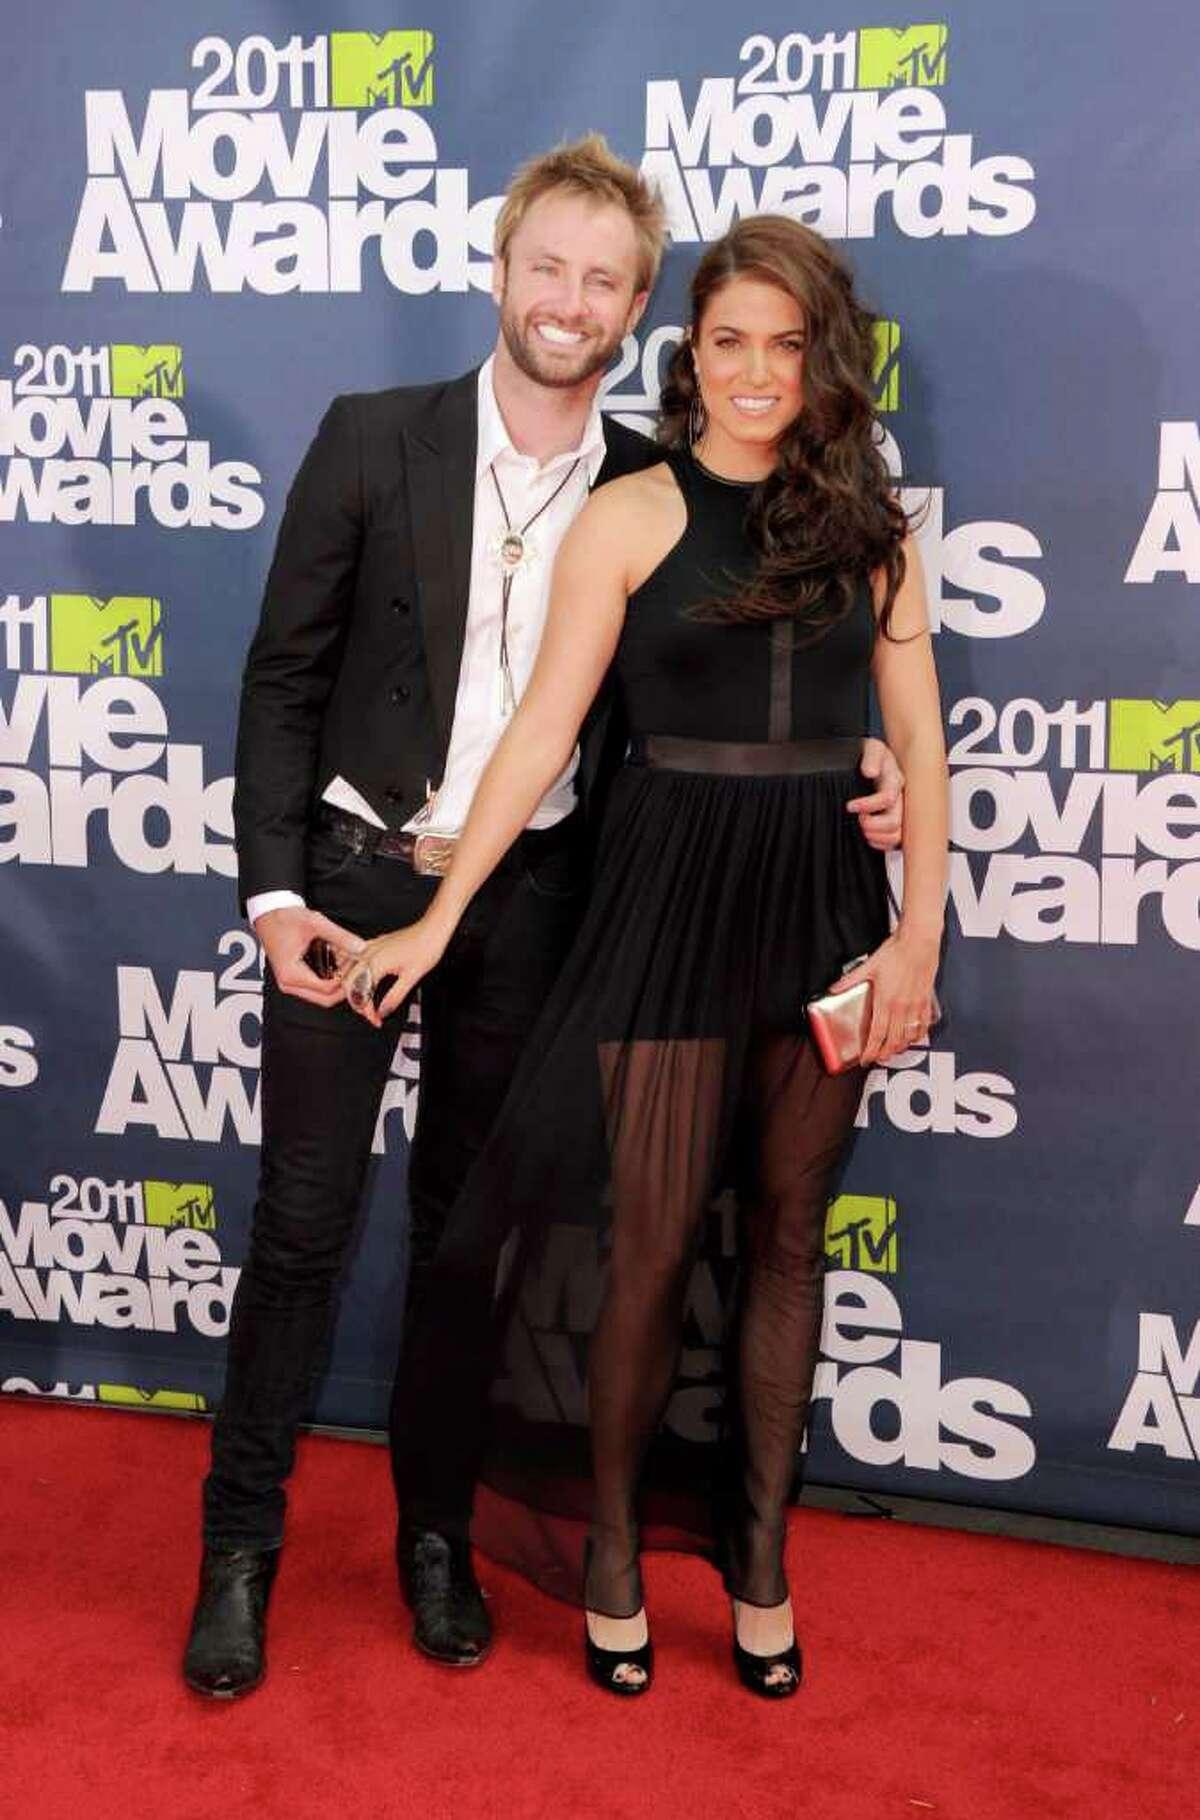 Worst Dressed: Musician Paul McDonald (L) and actress Nikki Reed